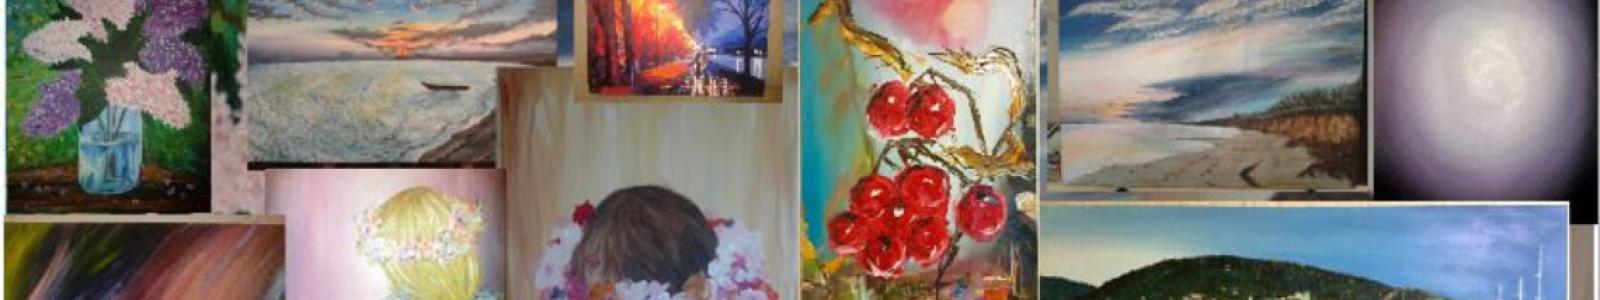 Gallery Painter Viktor Lytosh